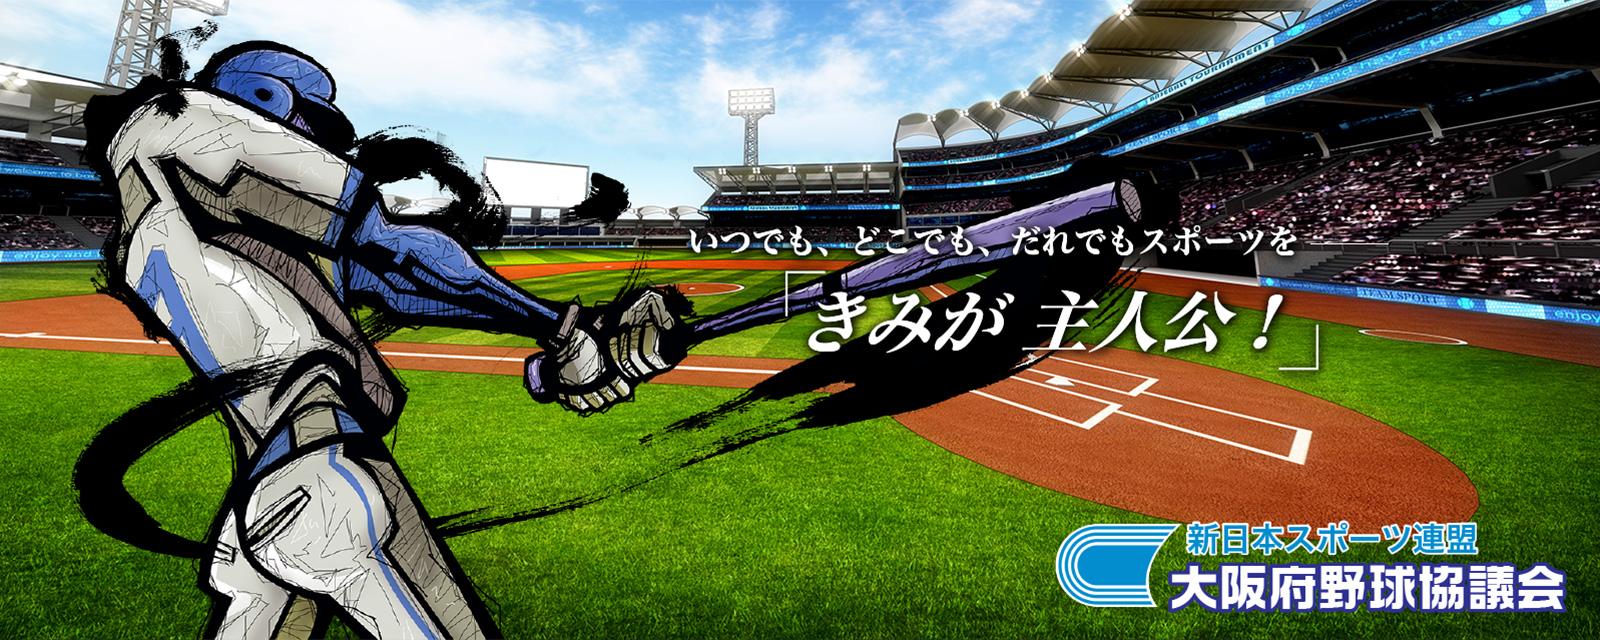 【新日本スポーツ連盟 大阪府野球協議会】 いつでも、どこでも、だれもがスポーツを「きみが主人公!」